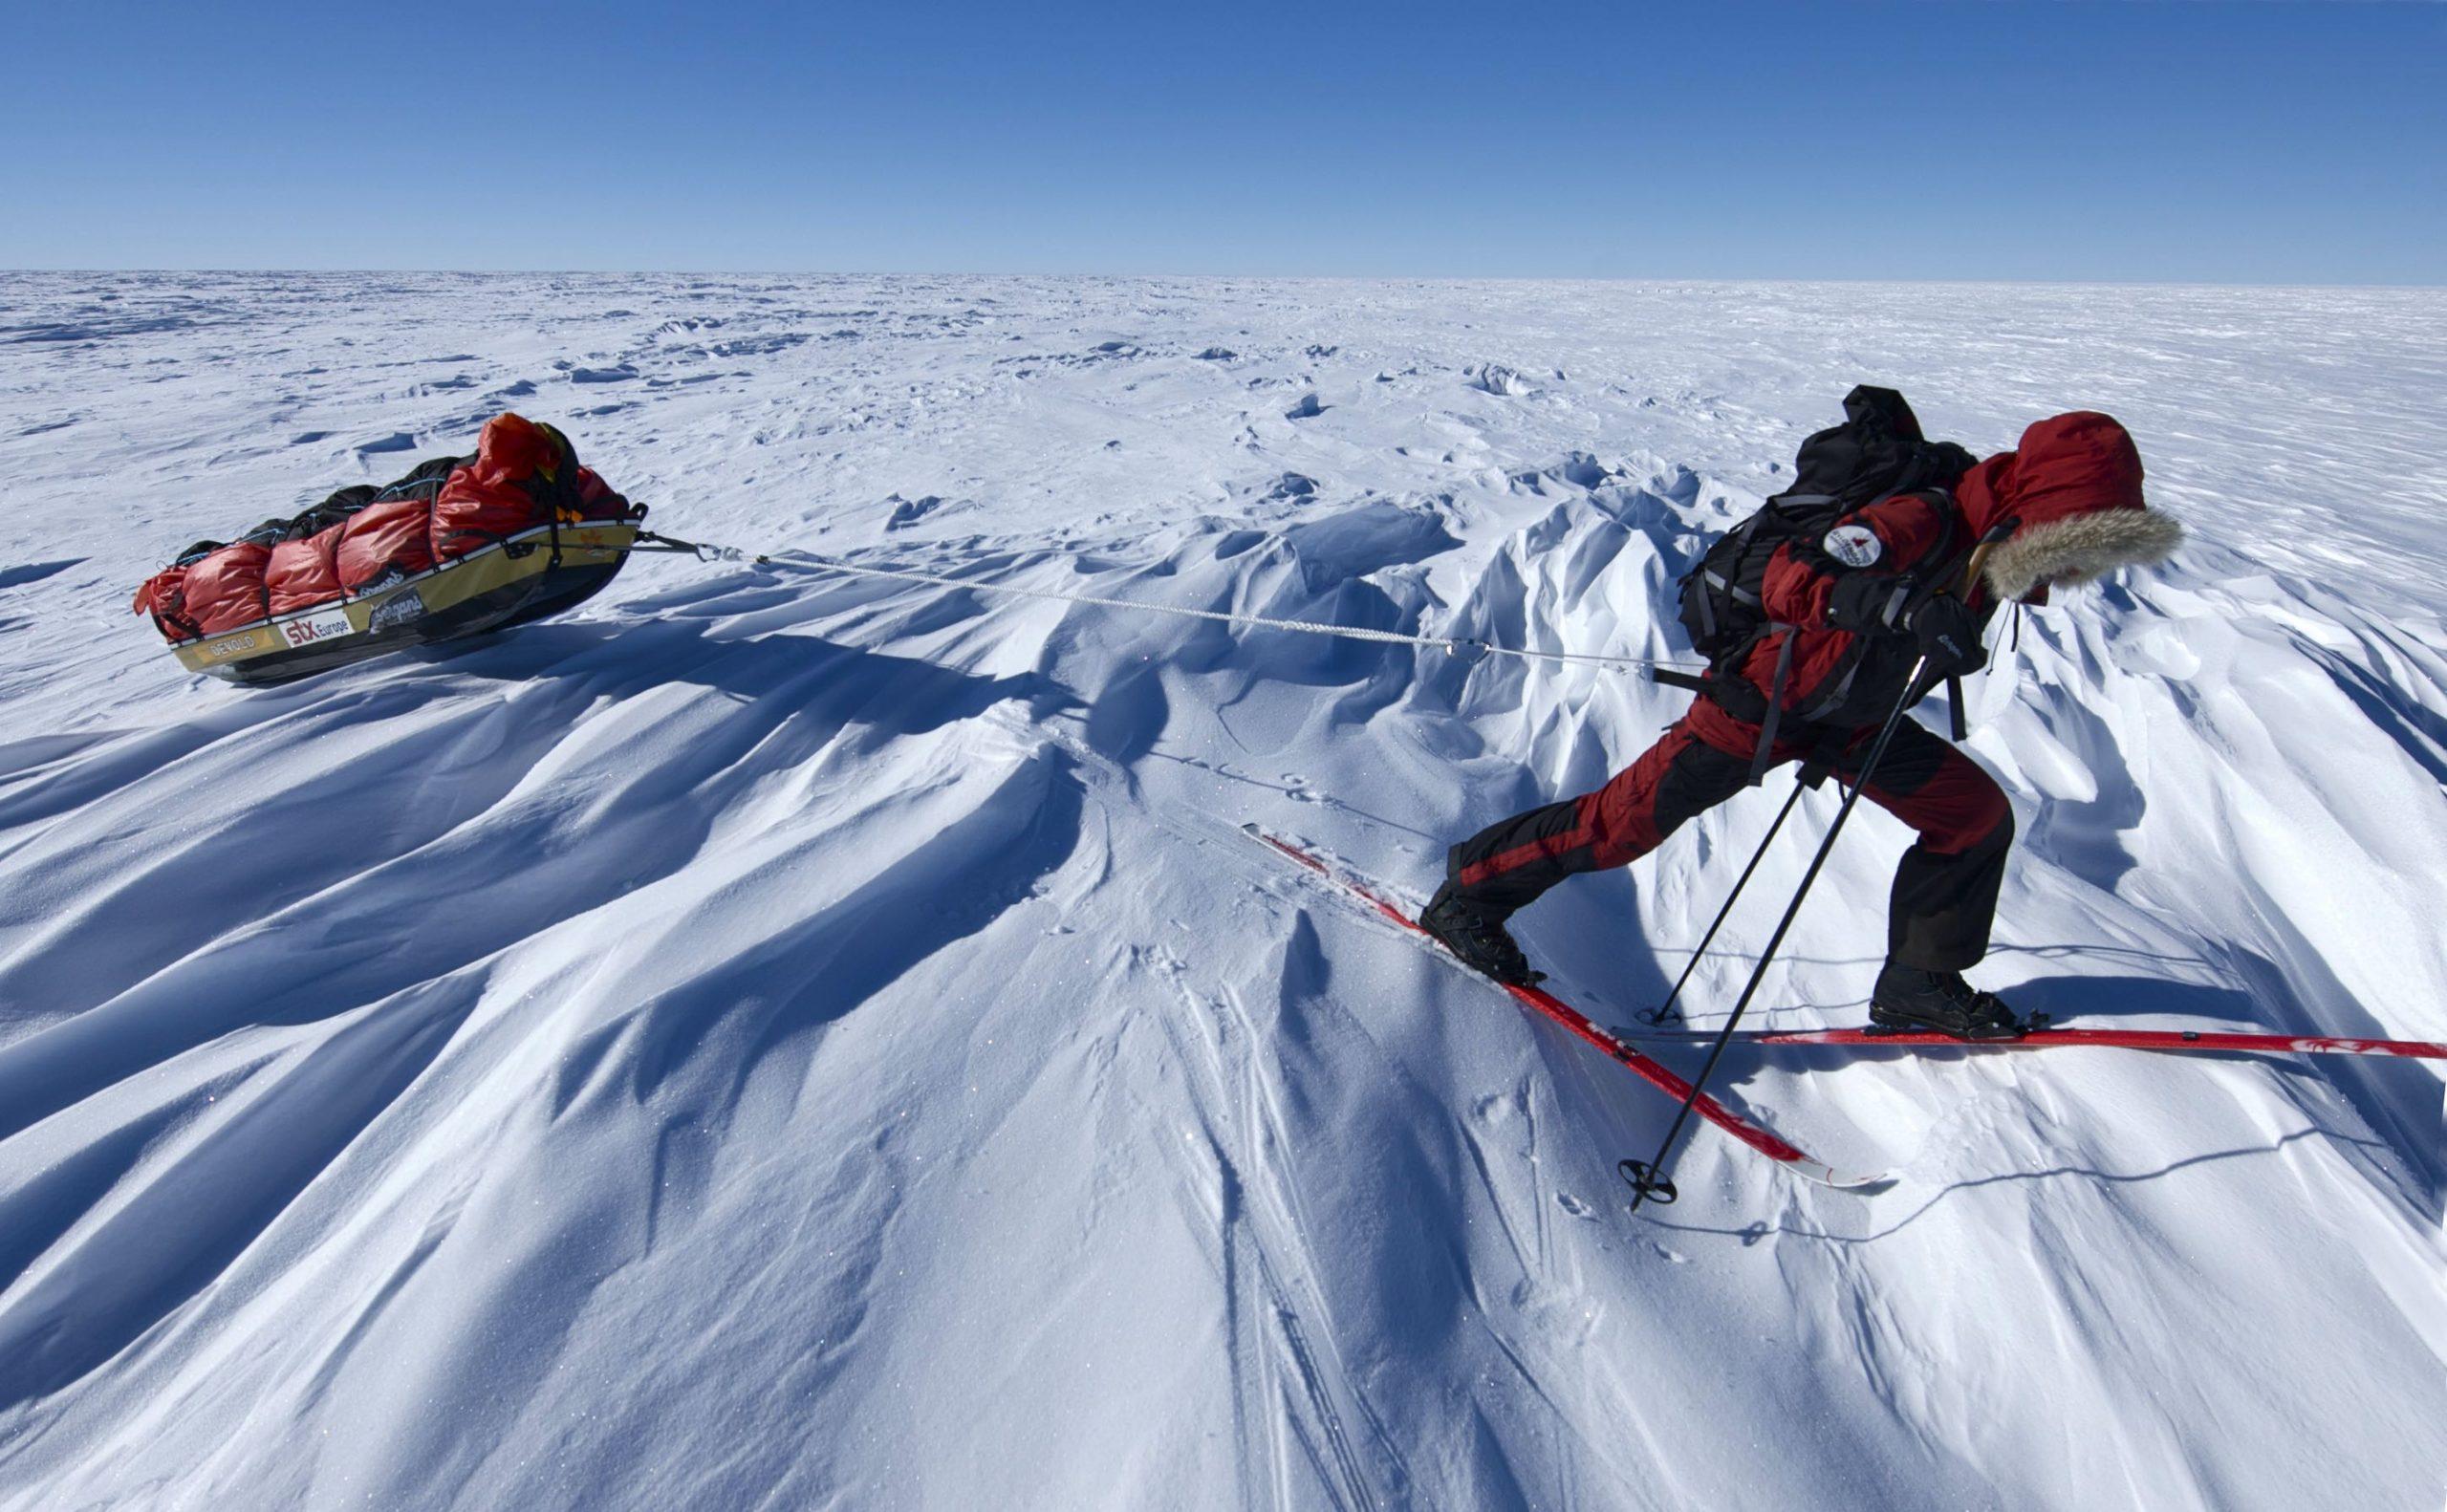 Abb. 2 Nach ihrer Testexpedition 2005 kämpft sich die Norwegerin Cecilie Skog während der ersten inneren Skidurchquerung Antarktikas ohne Windsegel 2009/10 mit ihrem 135 Kilogramm schweren Polarschlitten über das Südpolarplateau. Foto: Ryan Waters 2010 I bergundsteigen.blog